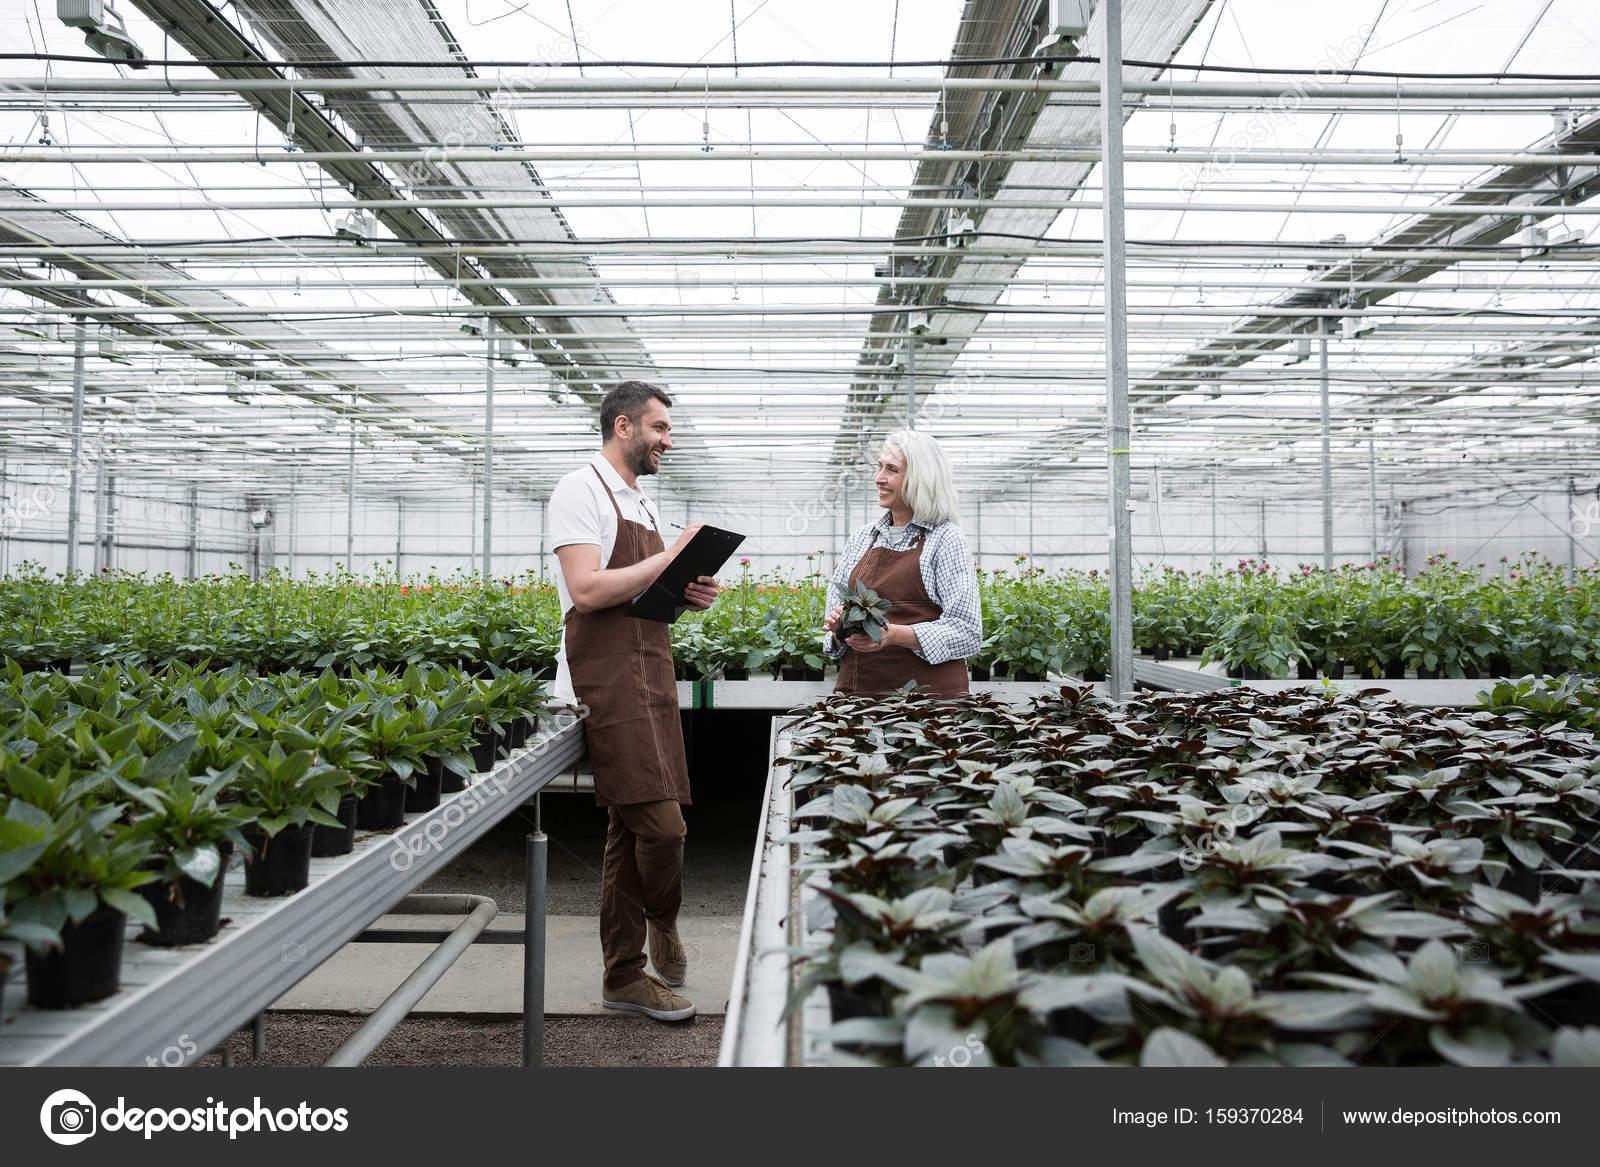 Glucklicher Mann Stehend Im Gewachshaus In Der Nahe Von Pflanzen